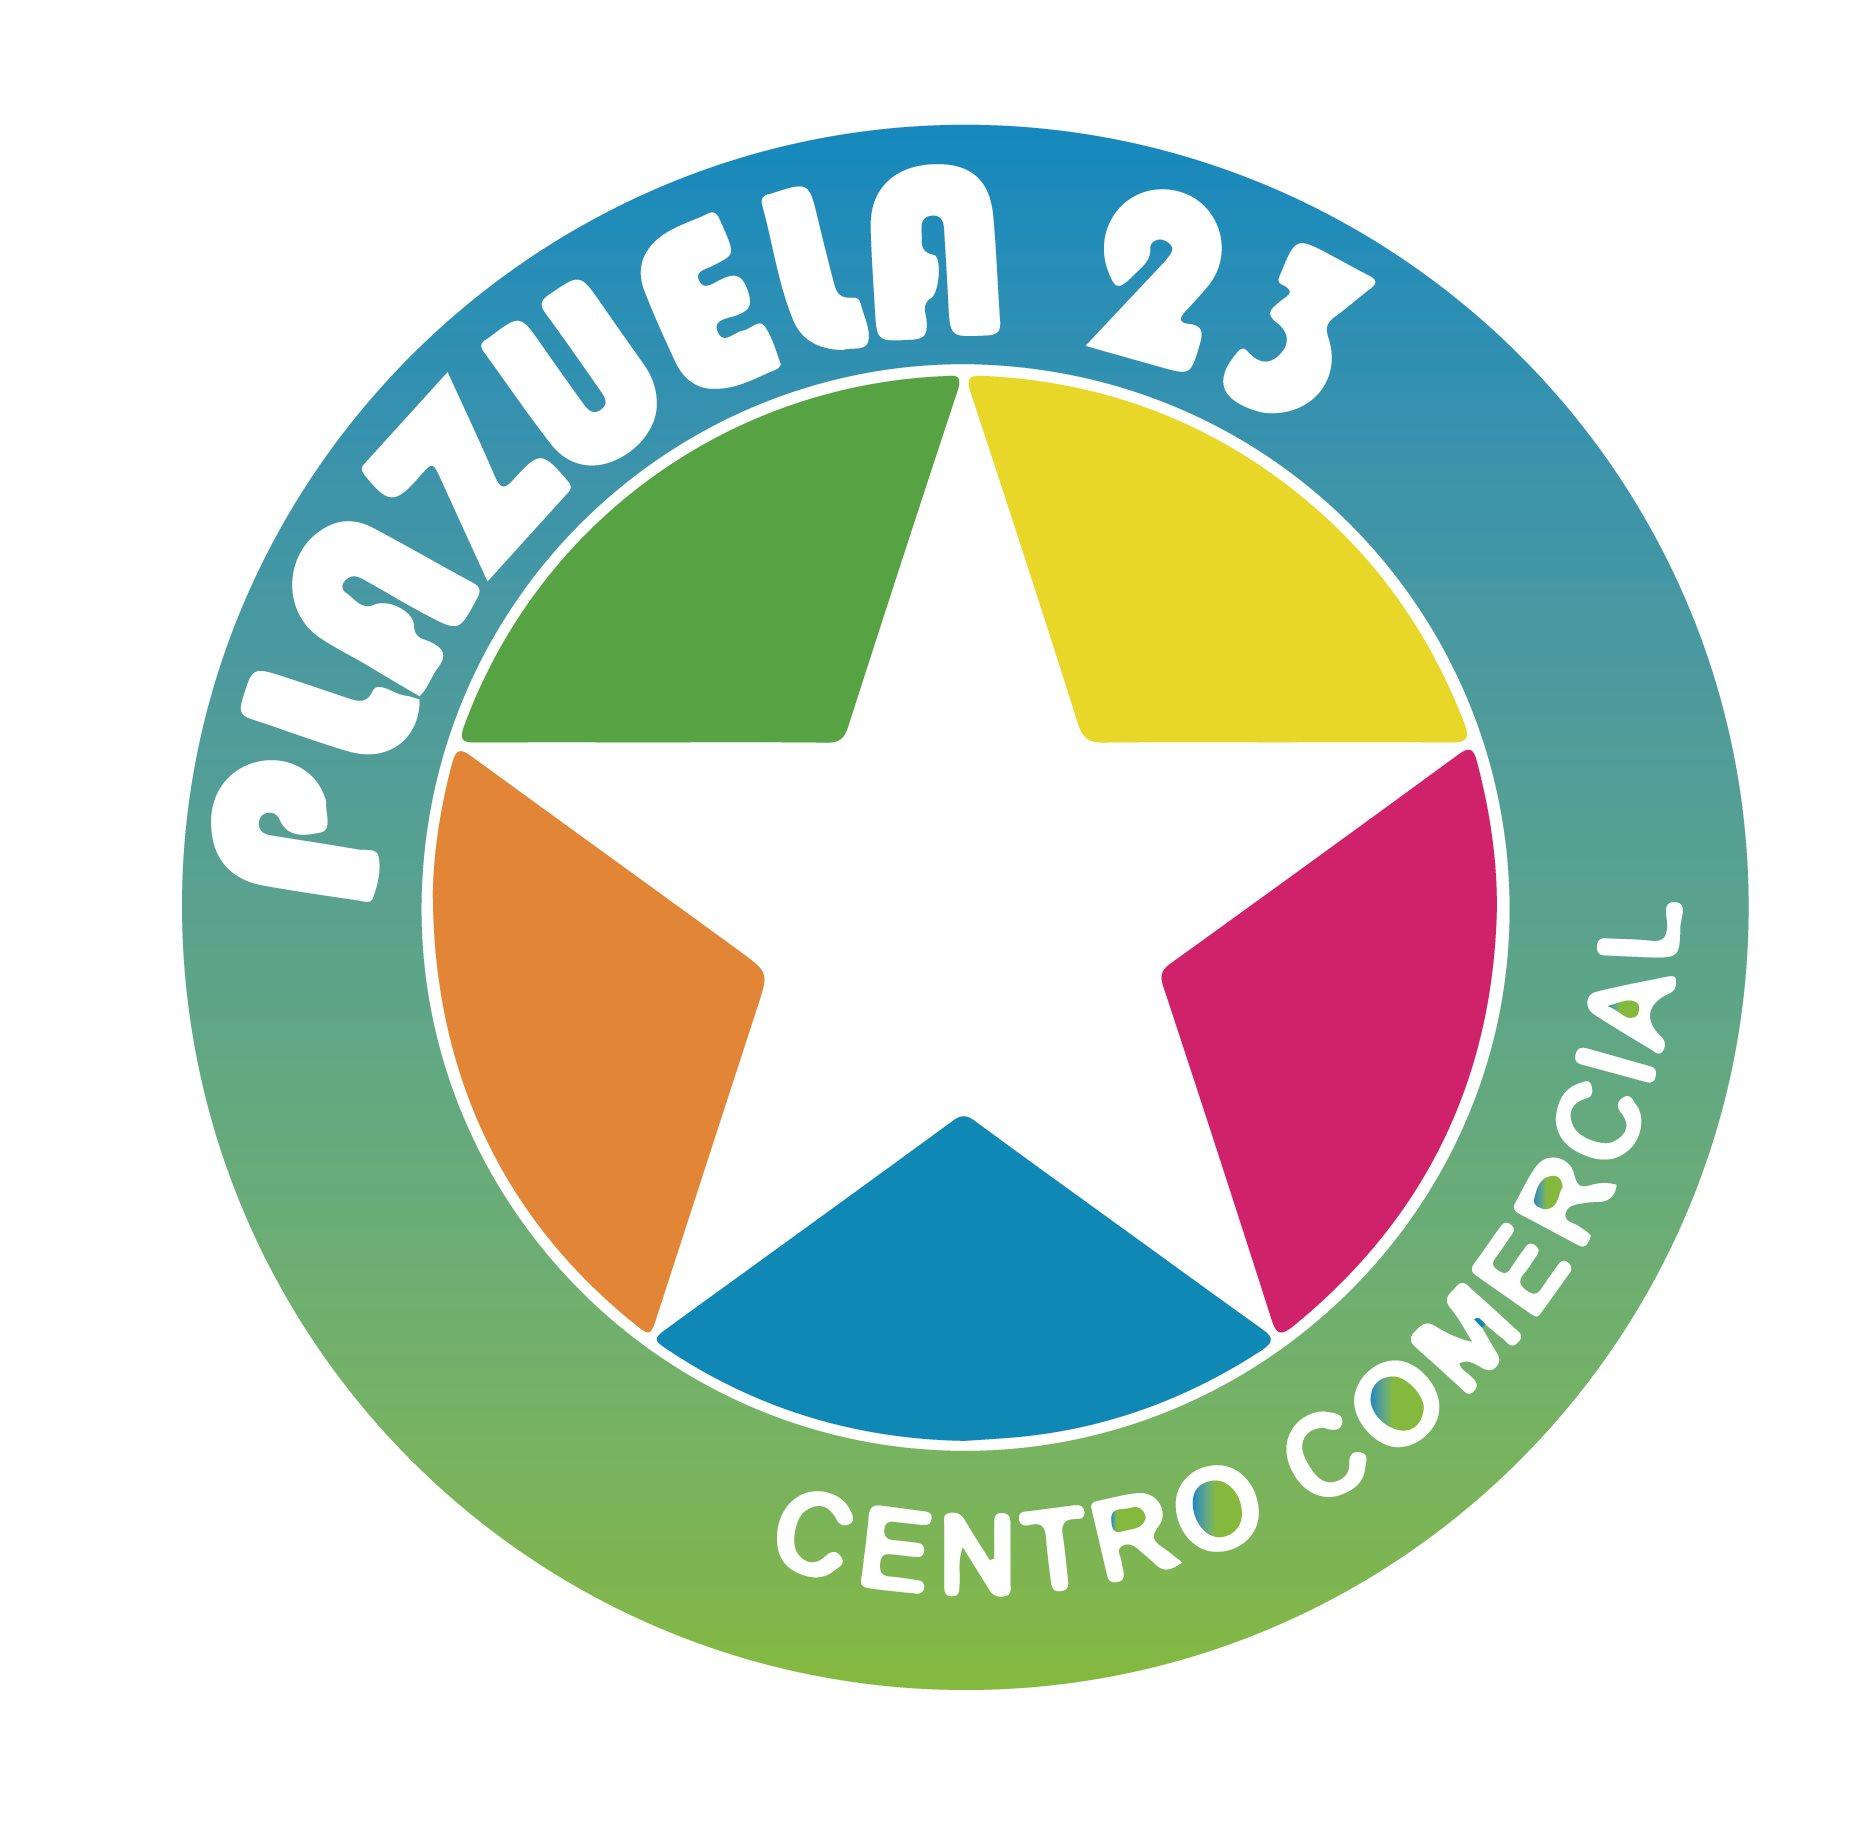 Centro Comercial Plazuela 23